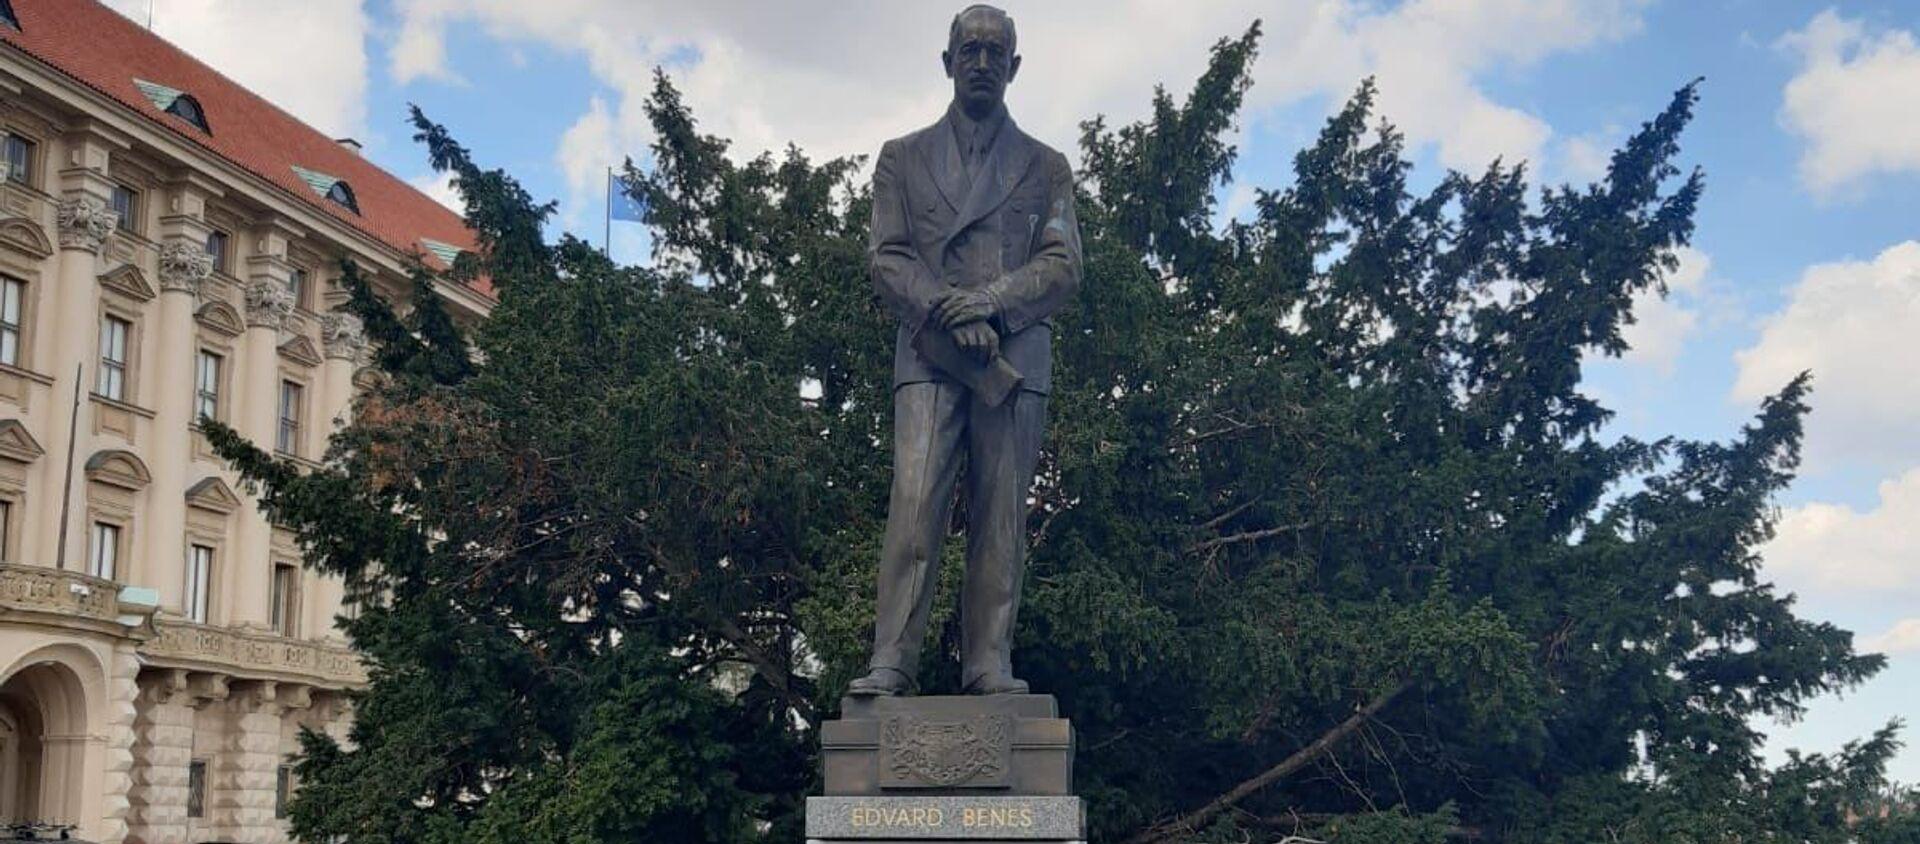 Vandalové poškodili sochu Edvarda Beneše - Sputnik Česká republika, 1920, 03.09.2020